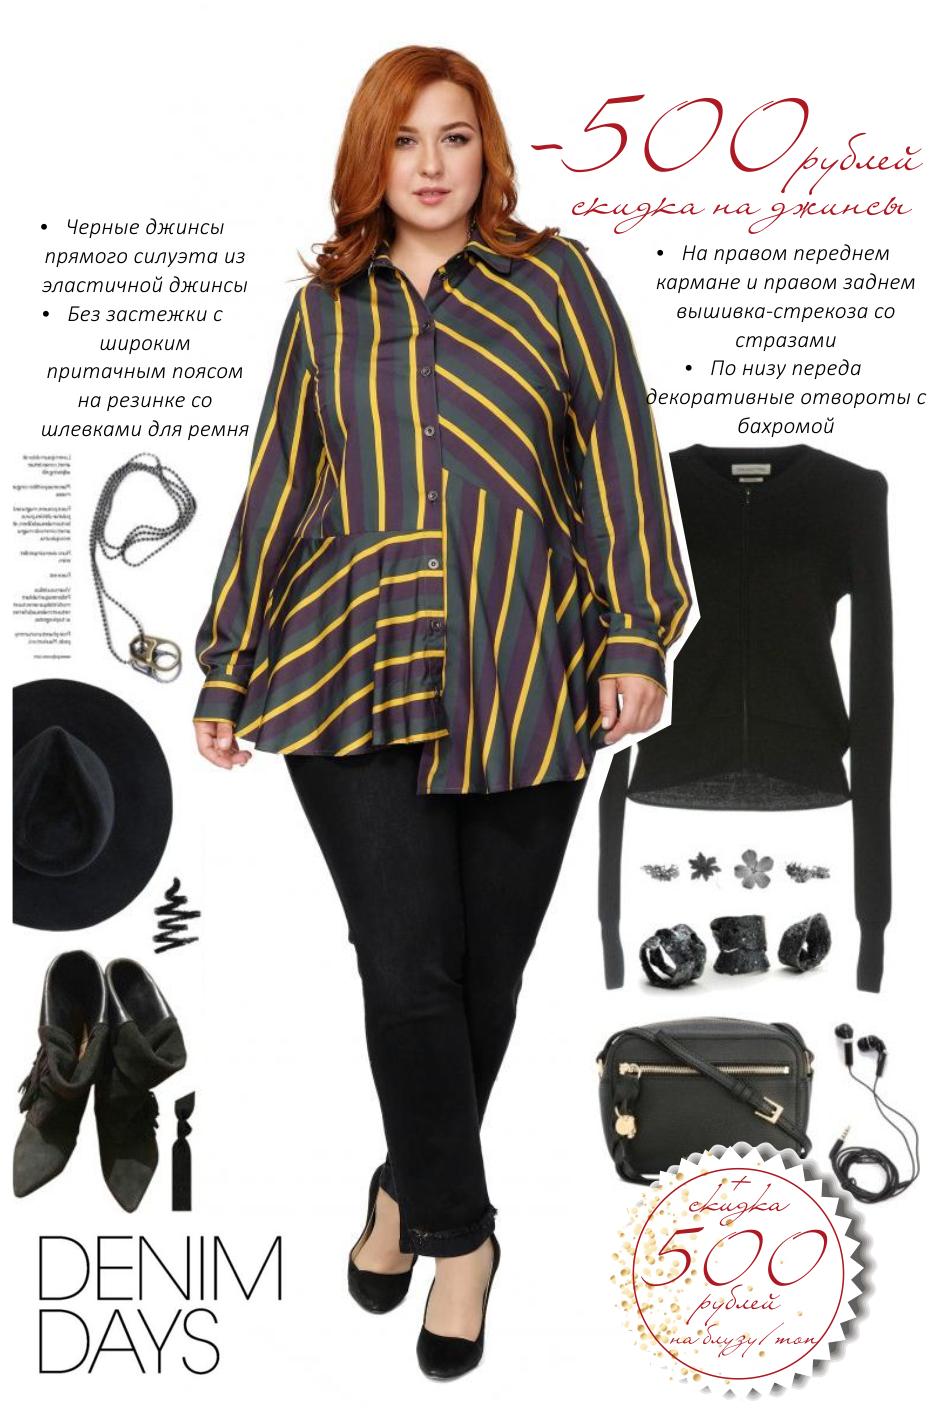 Осень не только для курток - минус 500 рублей на джинсы + 500 рублей на любую блузу или топ в комплекте